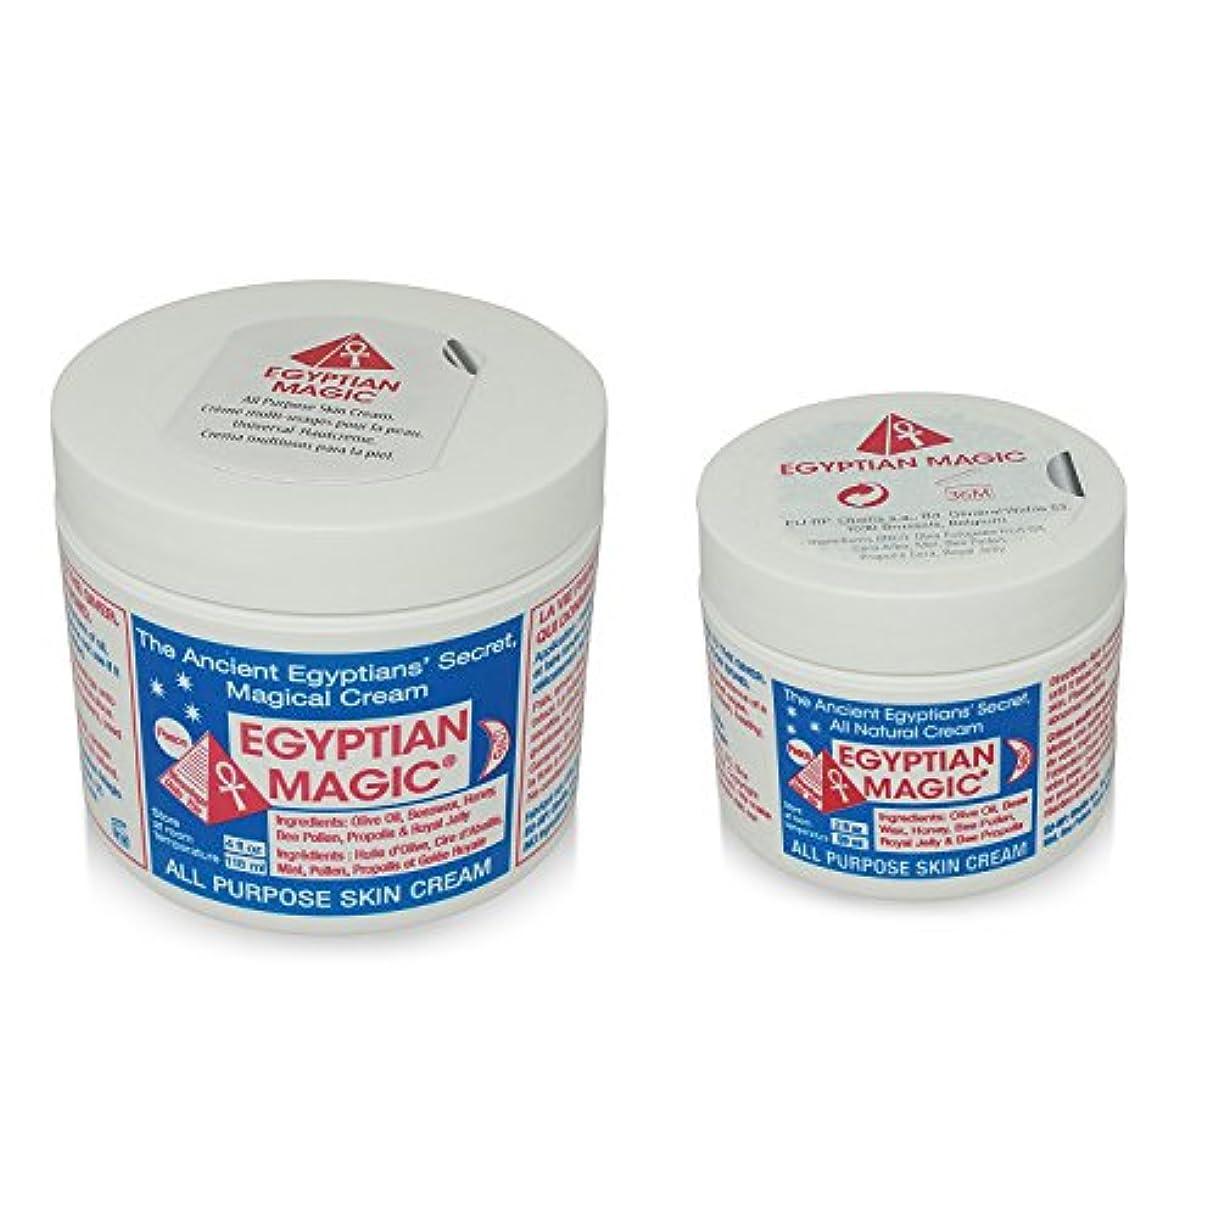 スイ遺伝子熟したEgyptian Magic Skin Cream エジプシャンマジッククリーム  (118ml)と(59ml)の2個セット